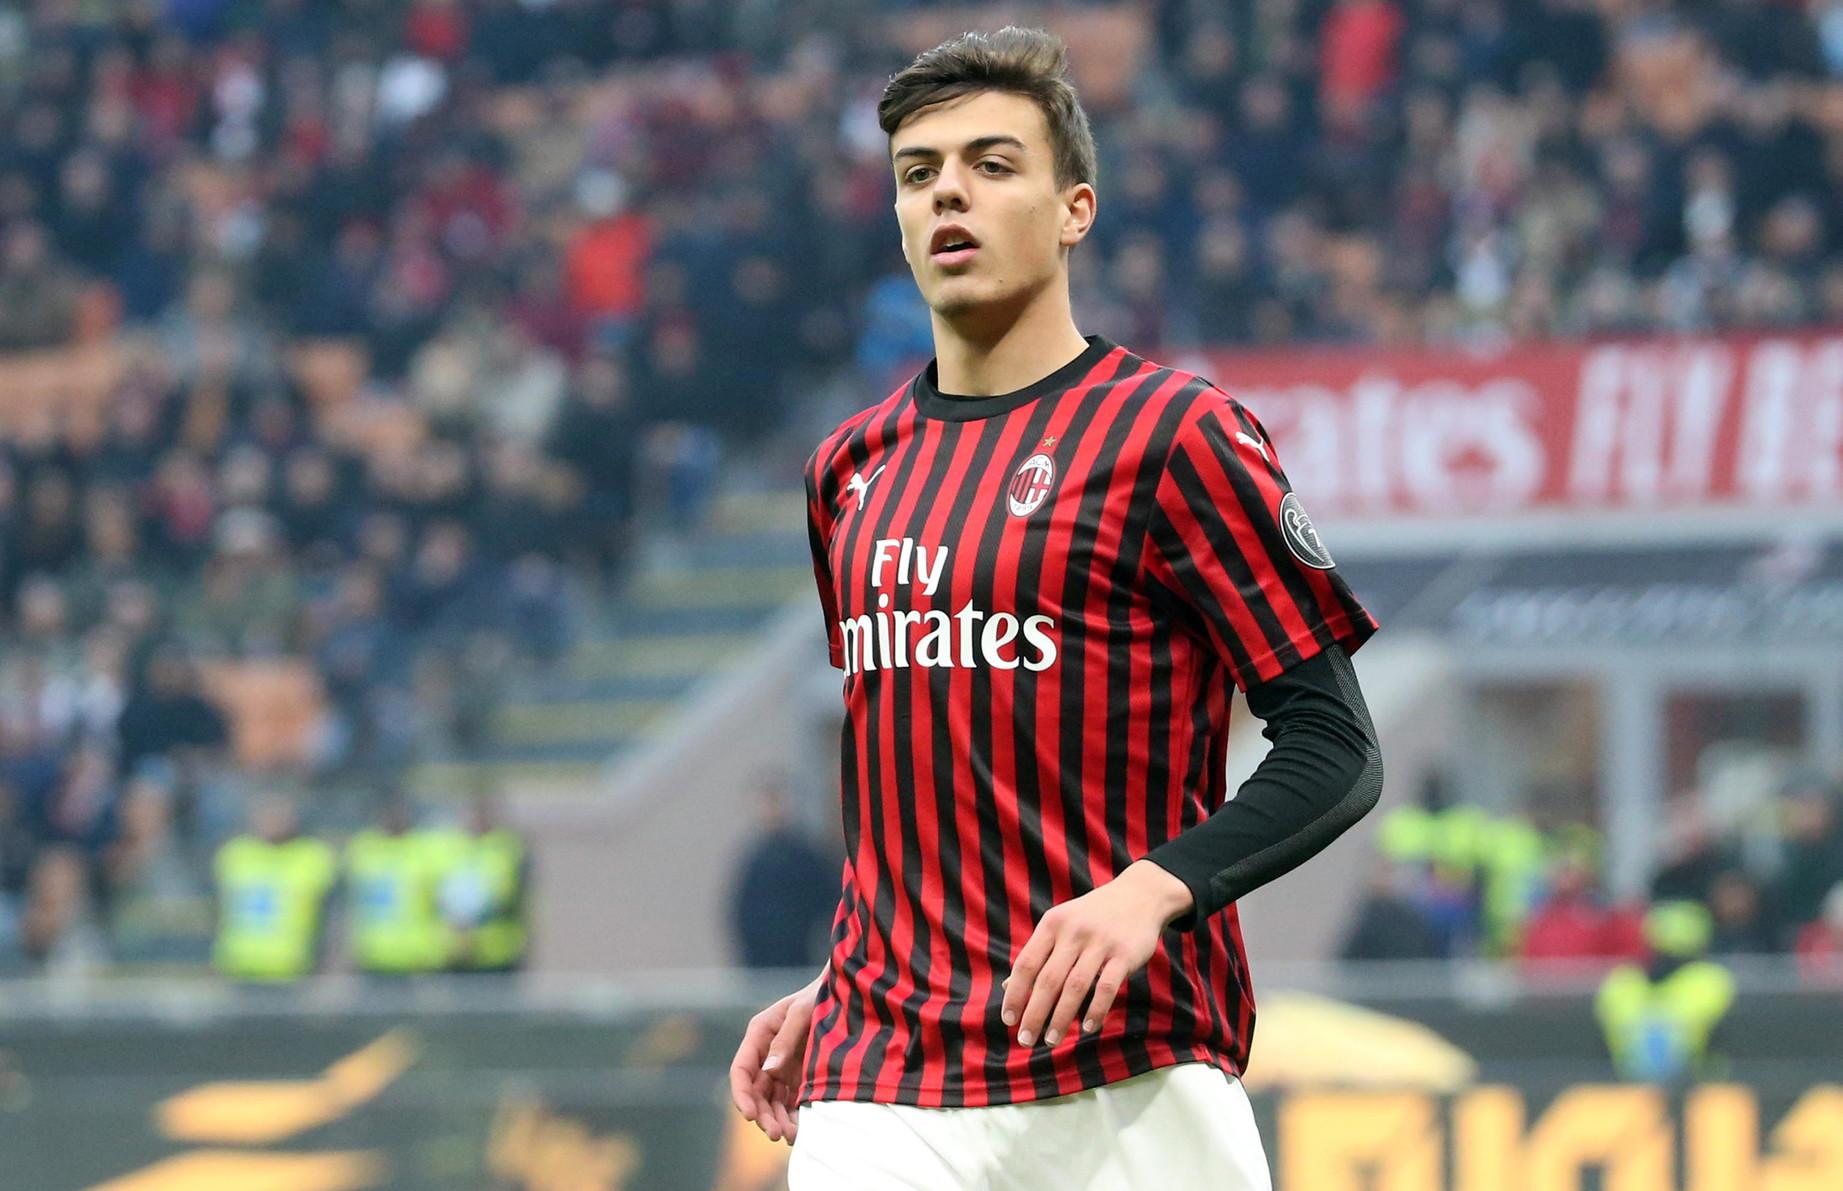 Daniel Maldini (Calcio - Milan) guarito